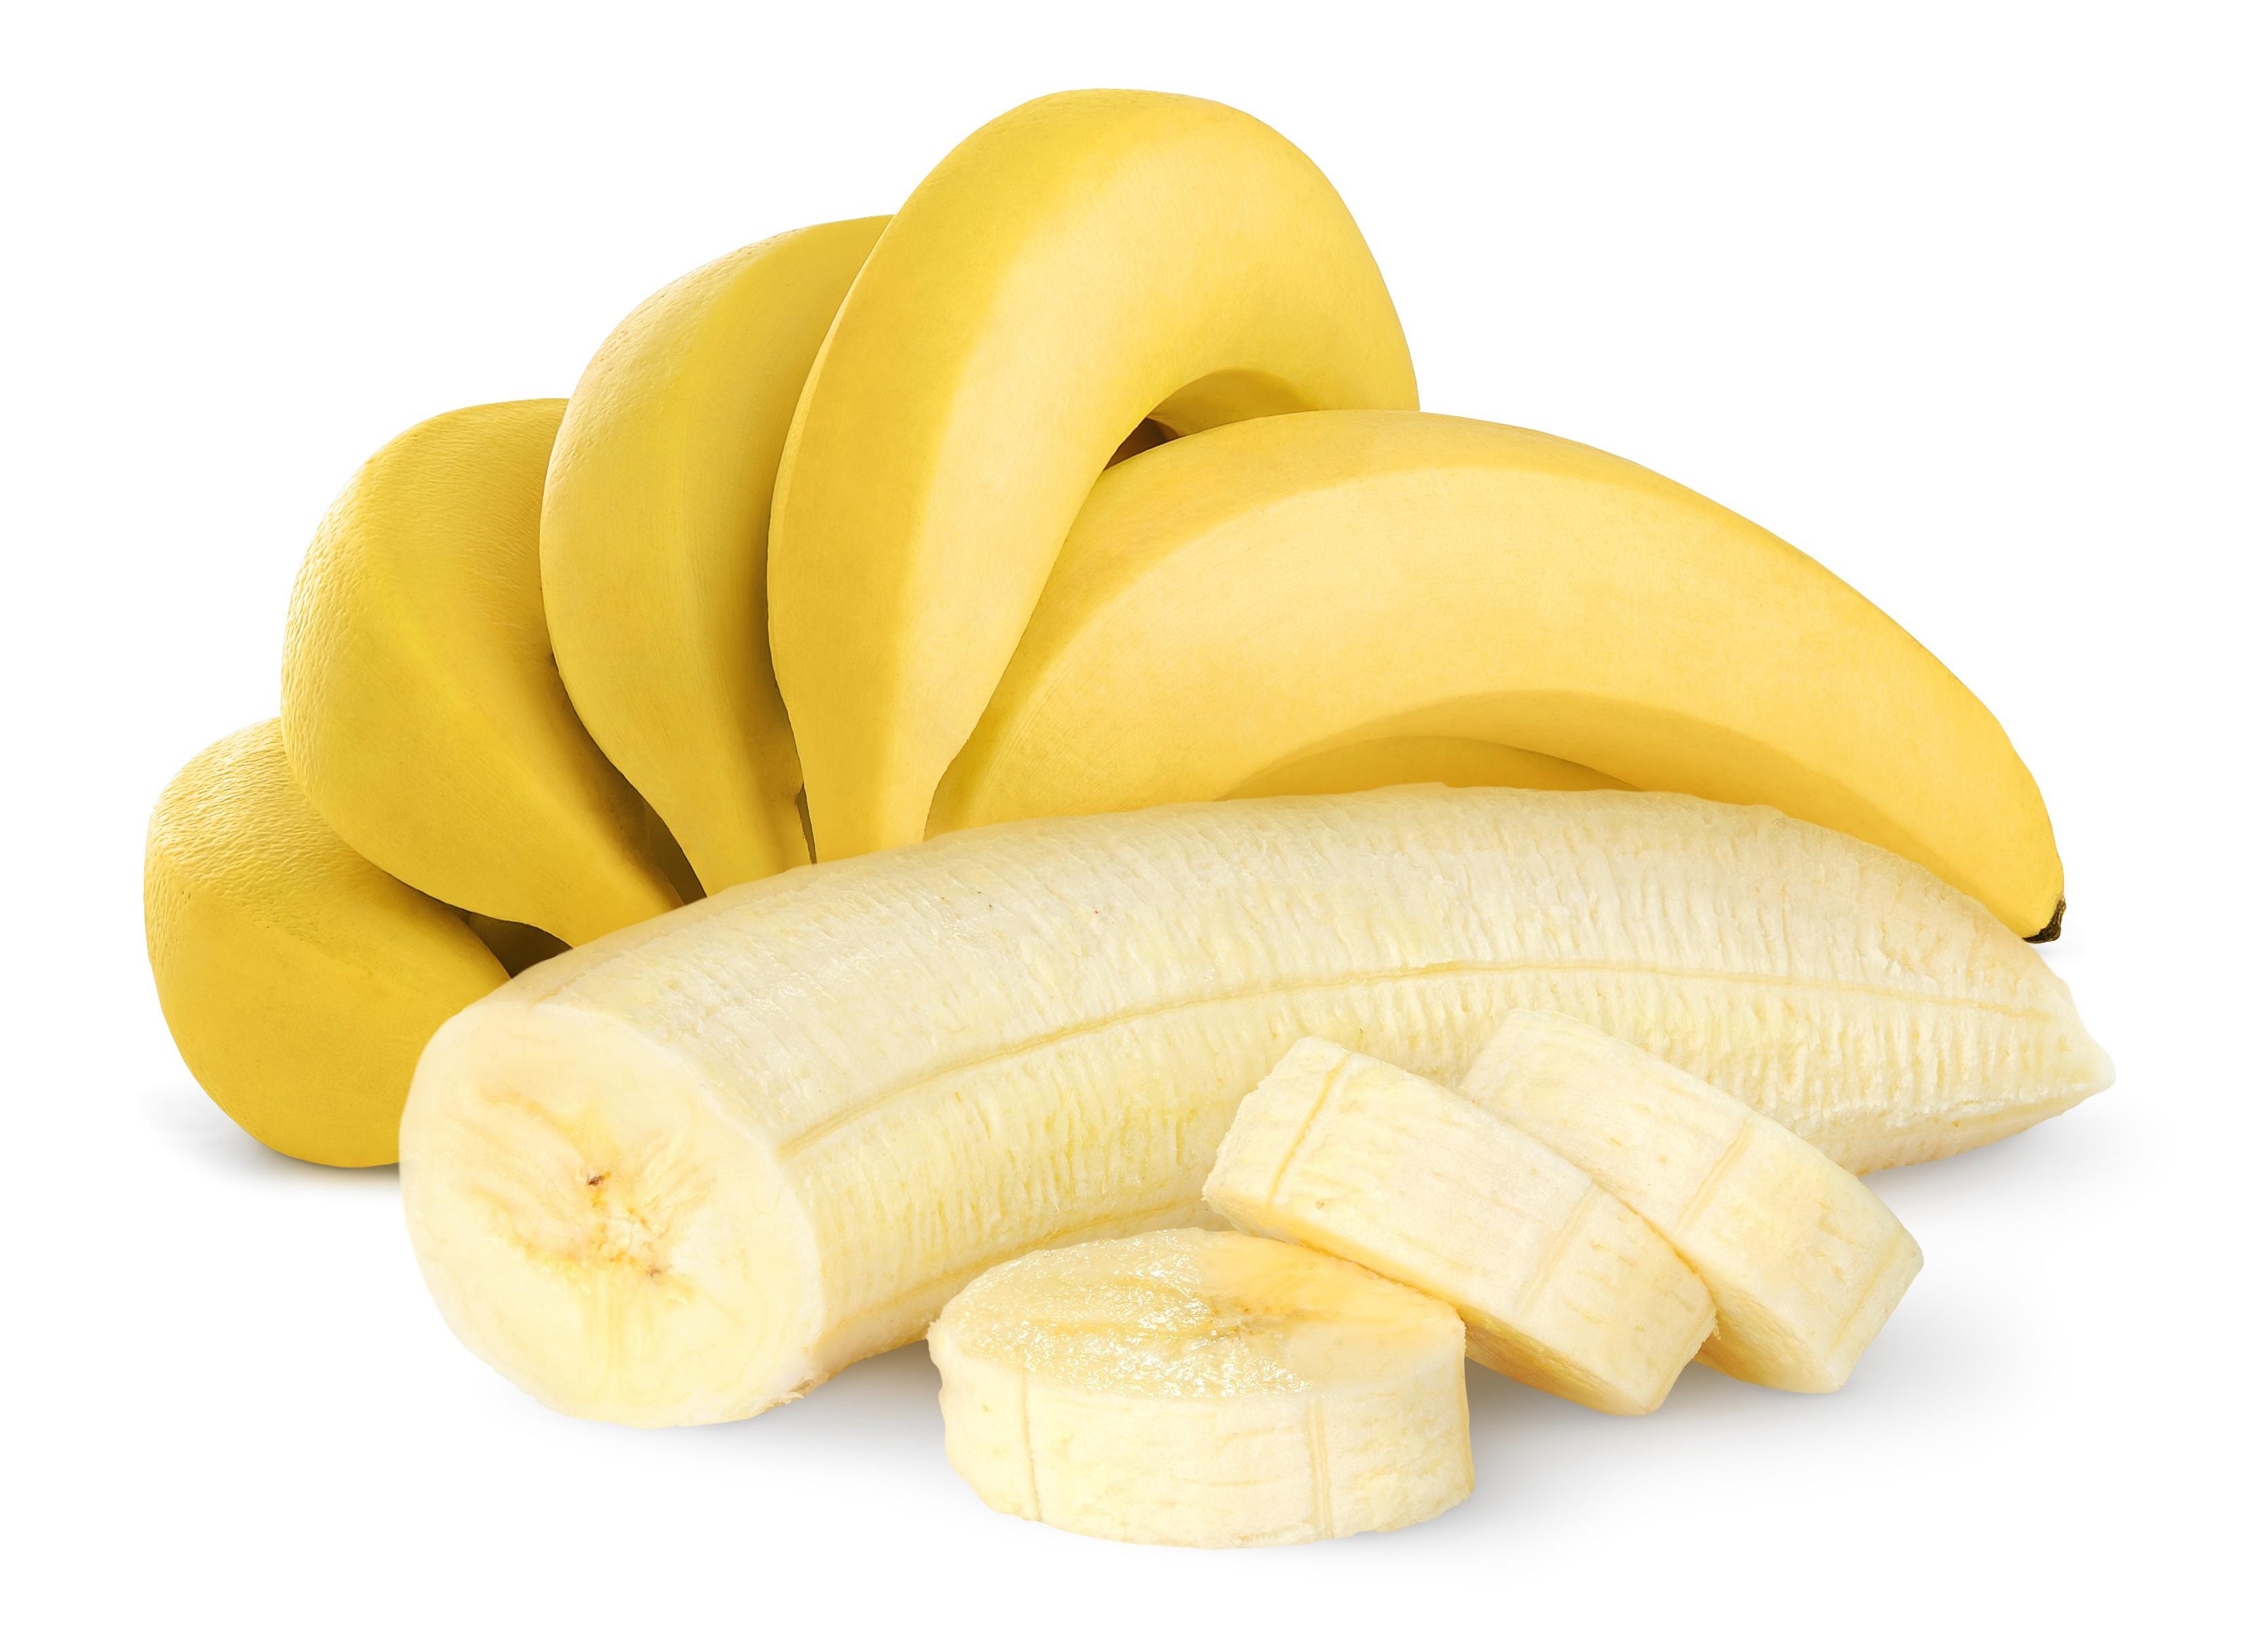 Benefício da Banana